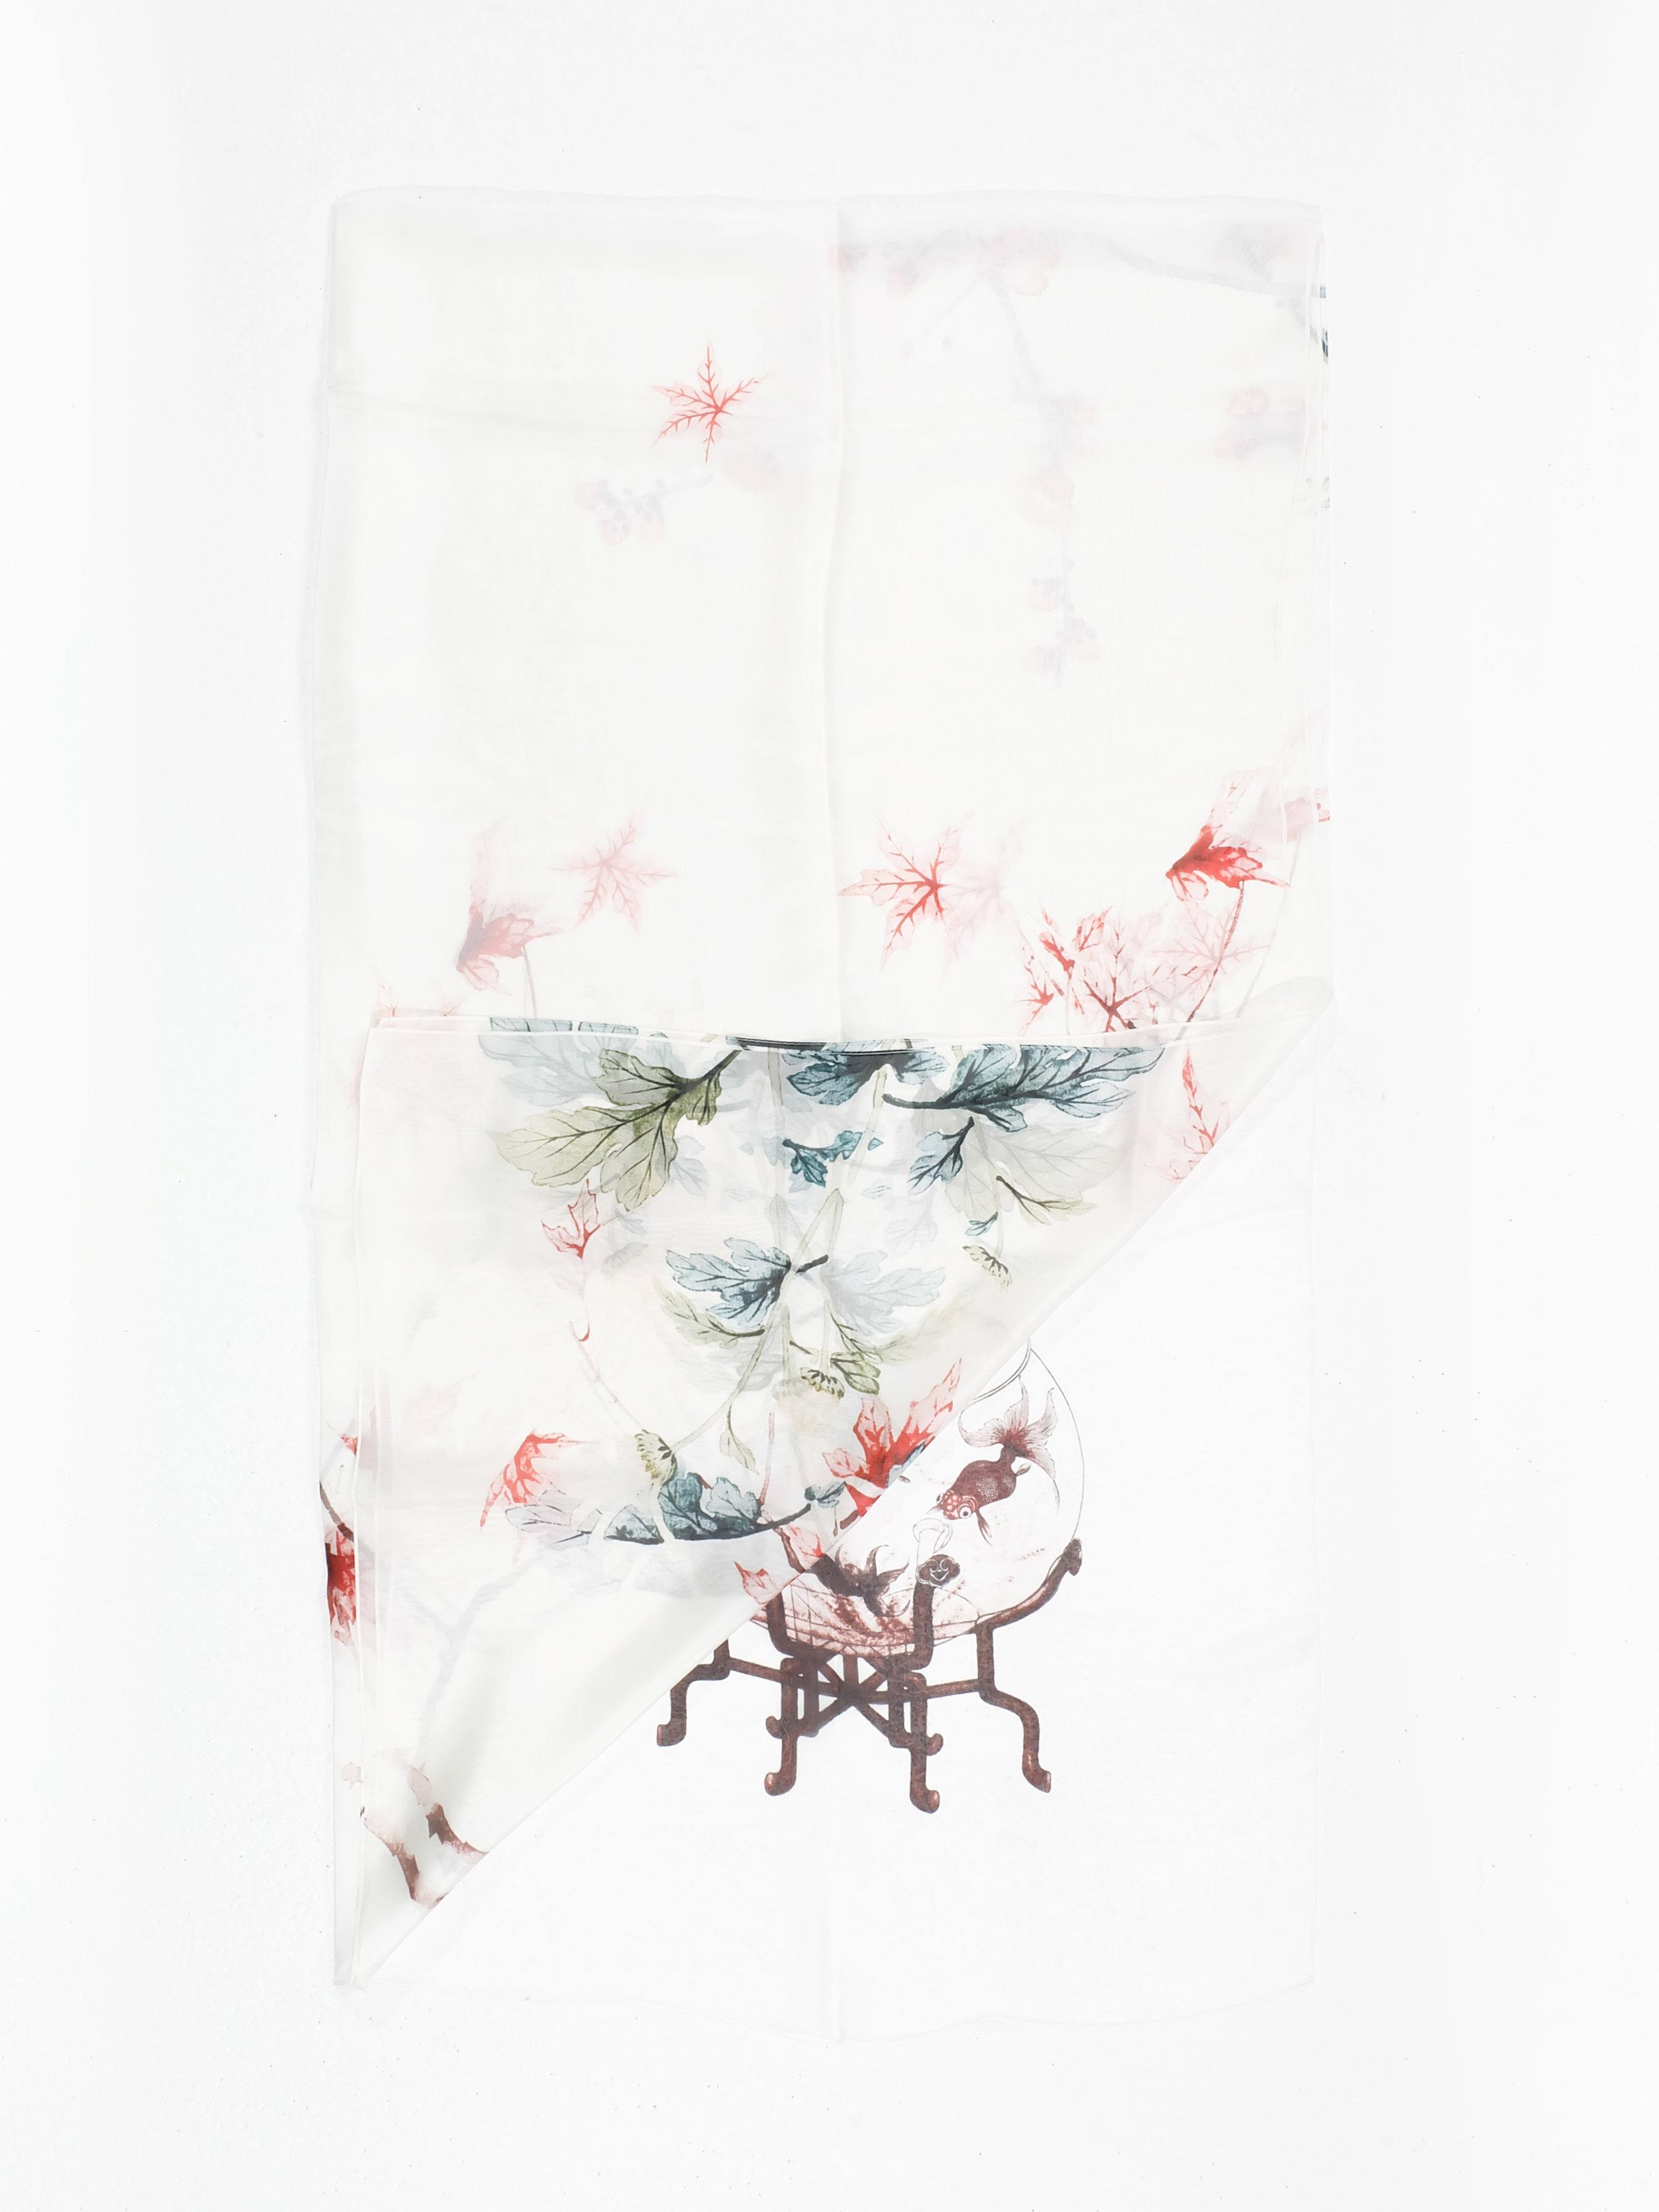 Daydream (White) - 196x112cm